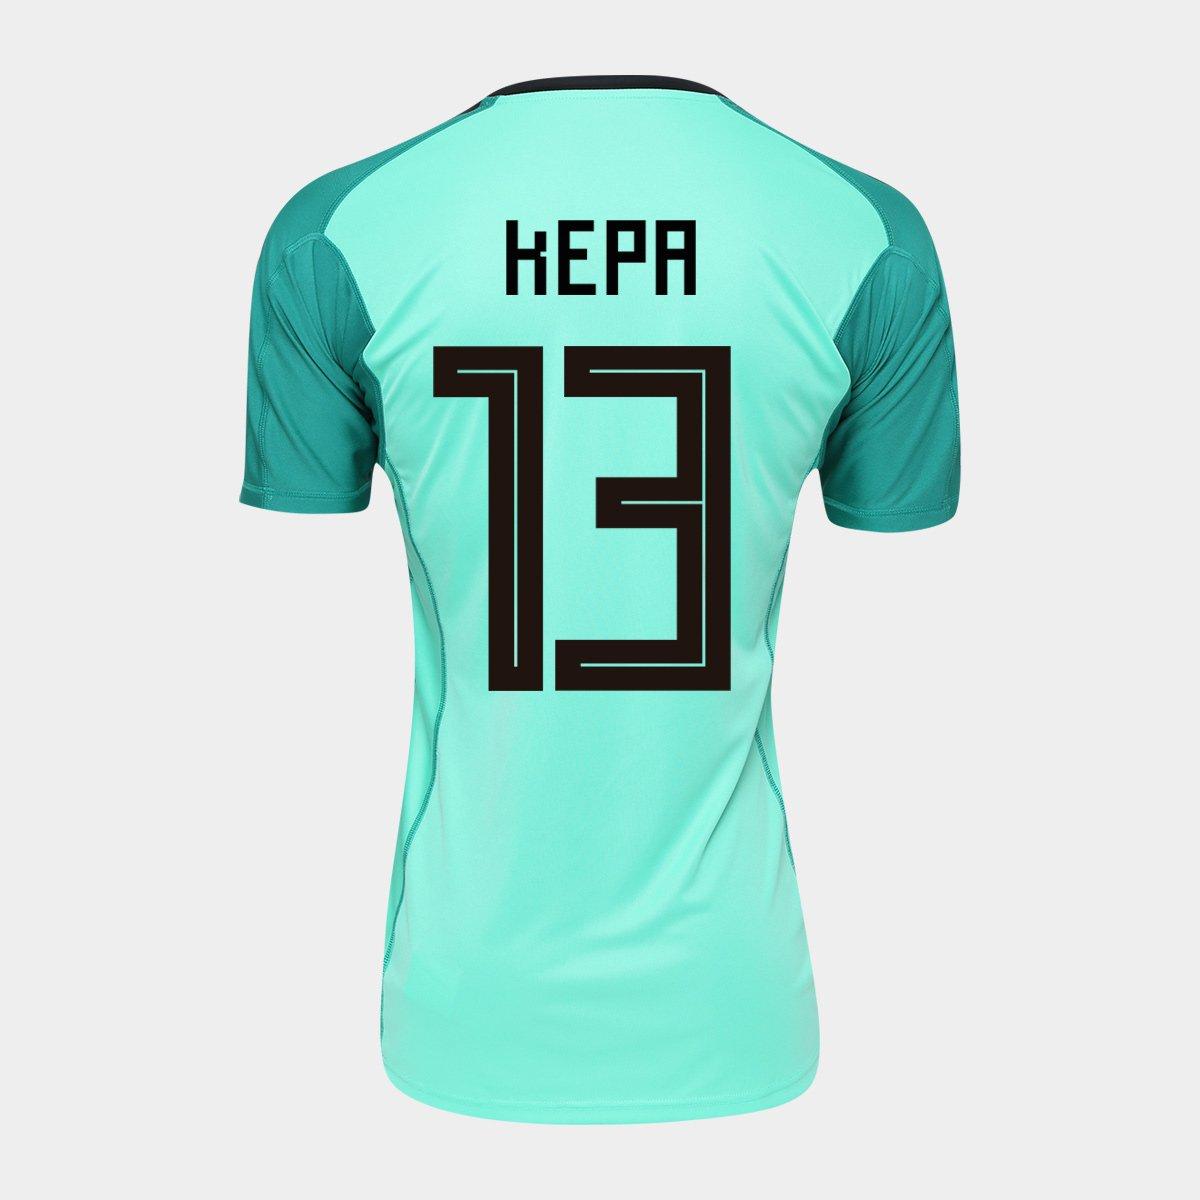 524f6060dc Camisa Goleiro Seleção Espanha Home 2018 n° 13 Kepa - Torcedor Adidas  Masculina - Compre Agora